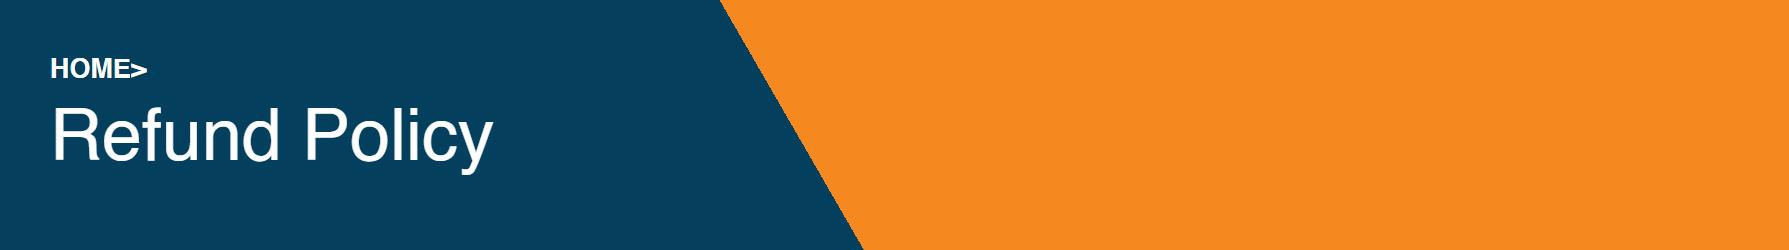 Refund Policy banner